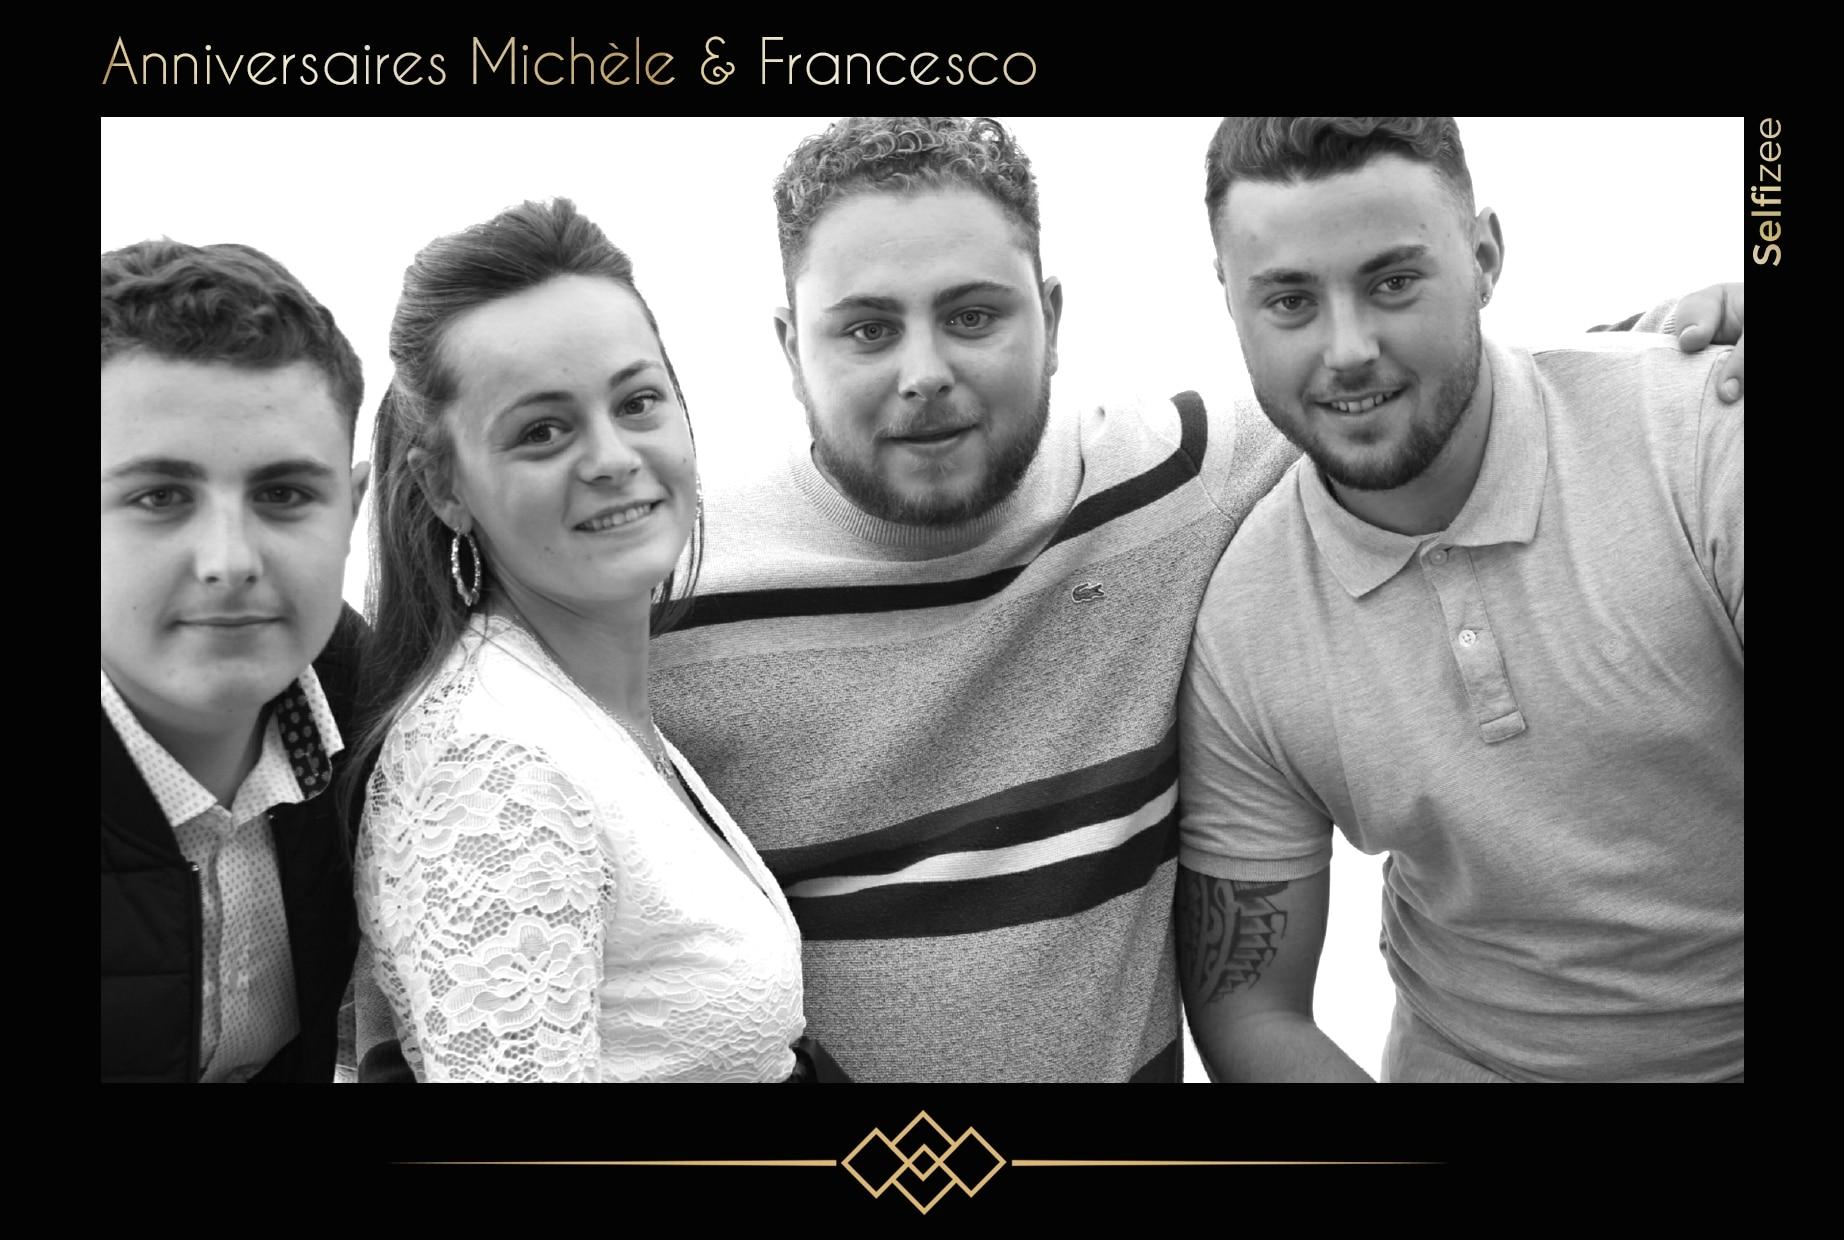 Photo anniversaire filtre noir et blanc avec borne photo à louer pour animation selfie anniversaire à Saint Nazaire / Loire Atlantique